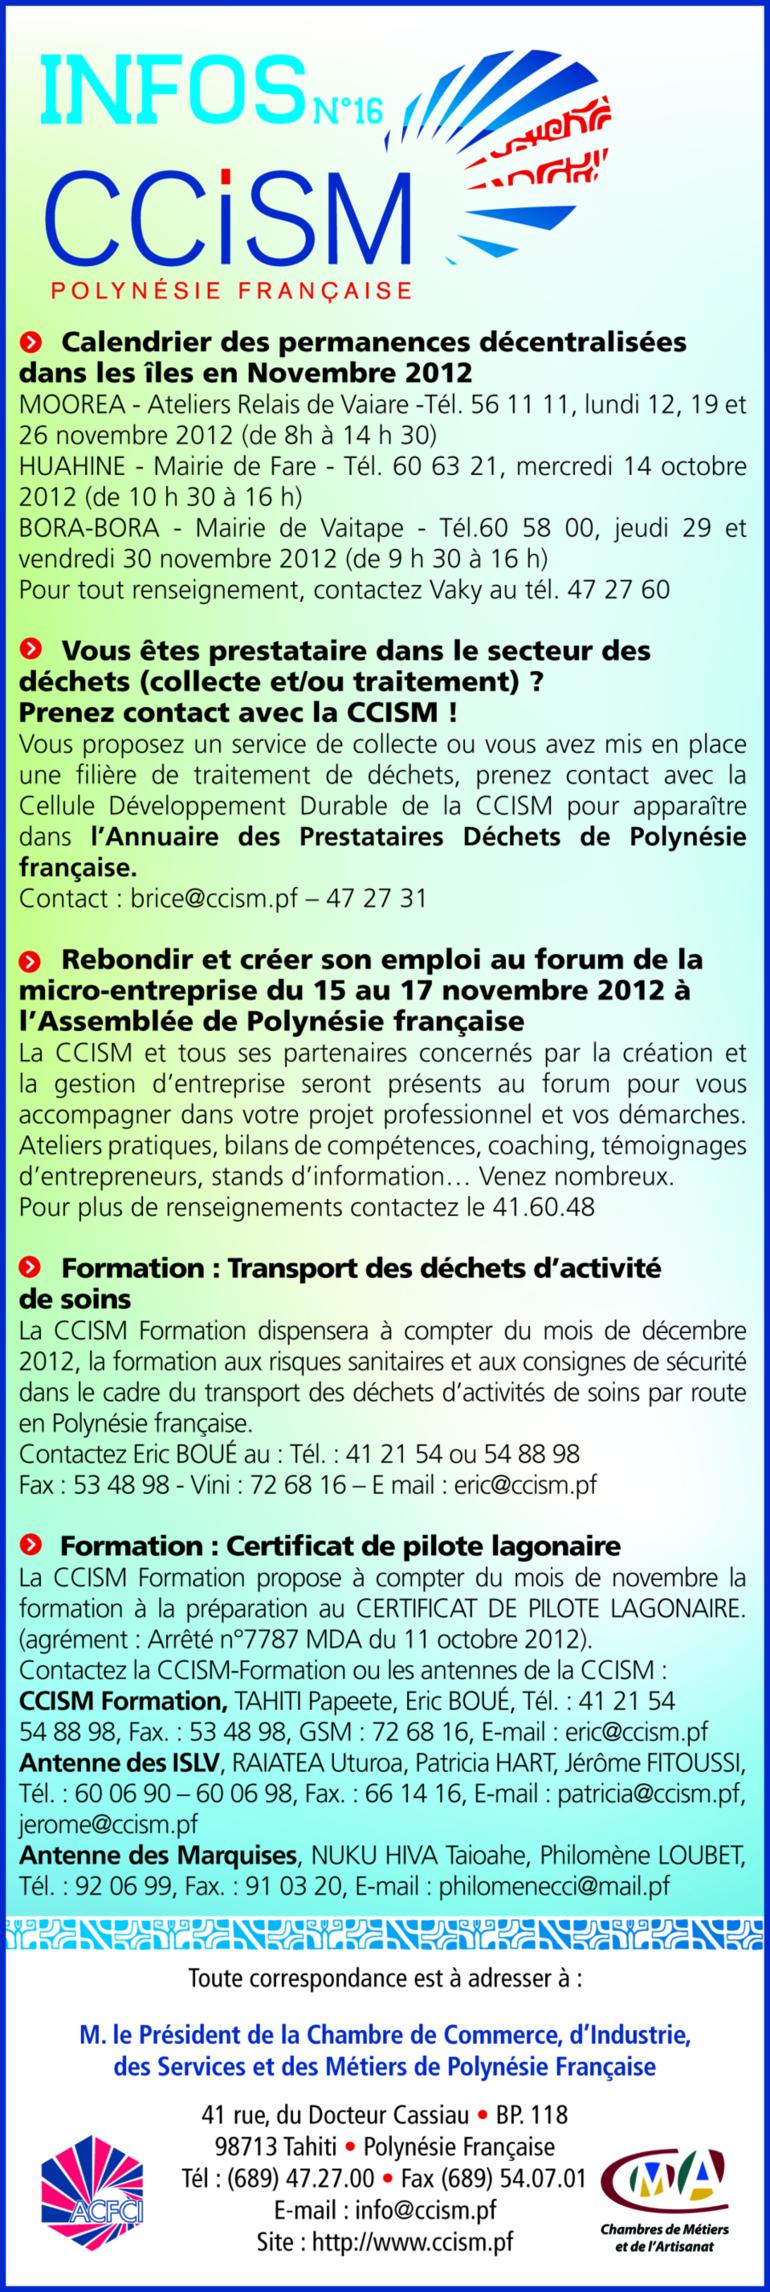 Infos CCISM N°16